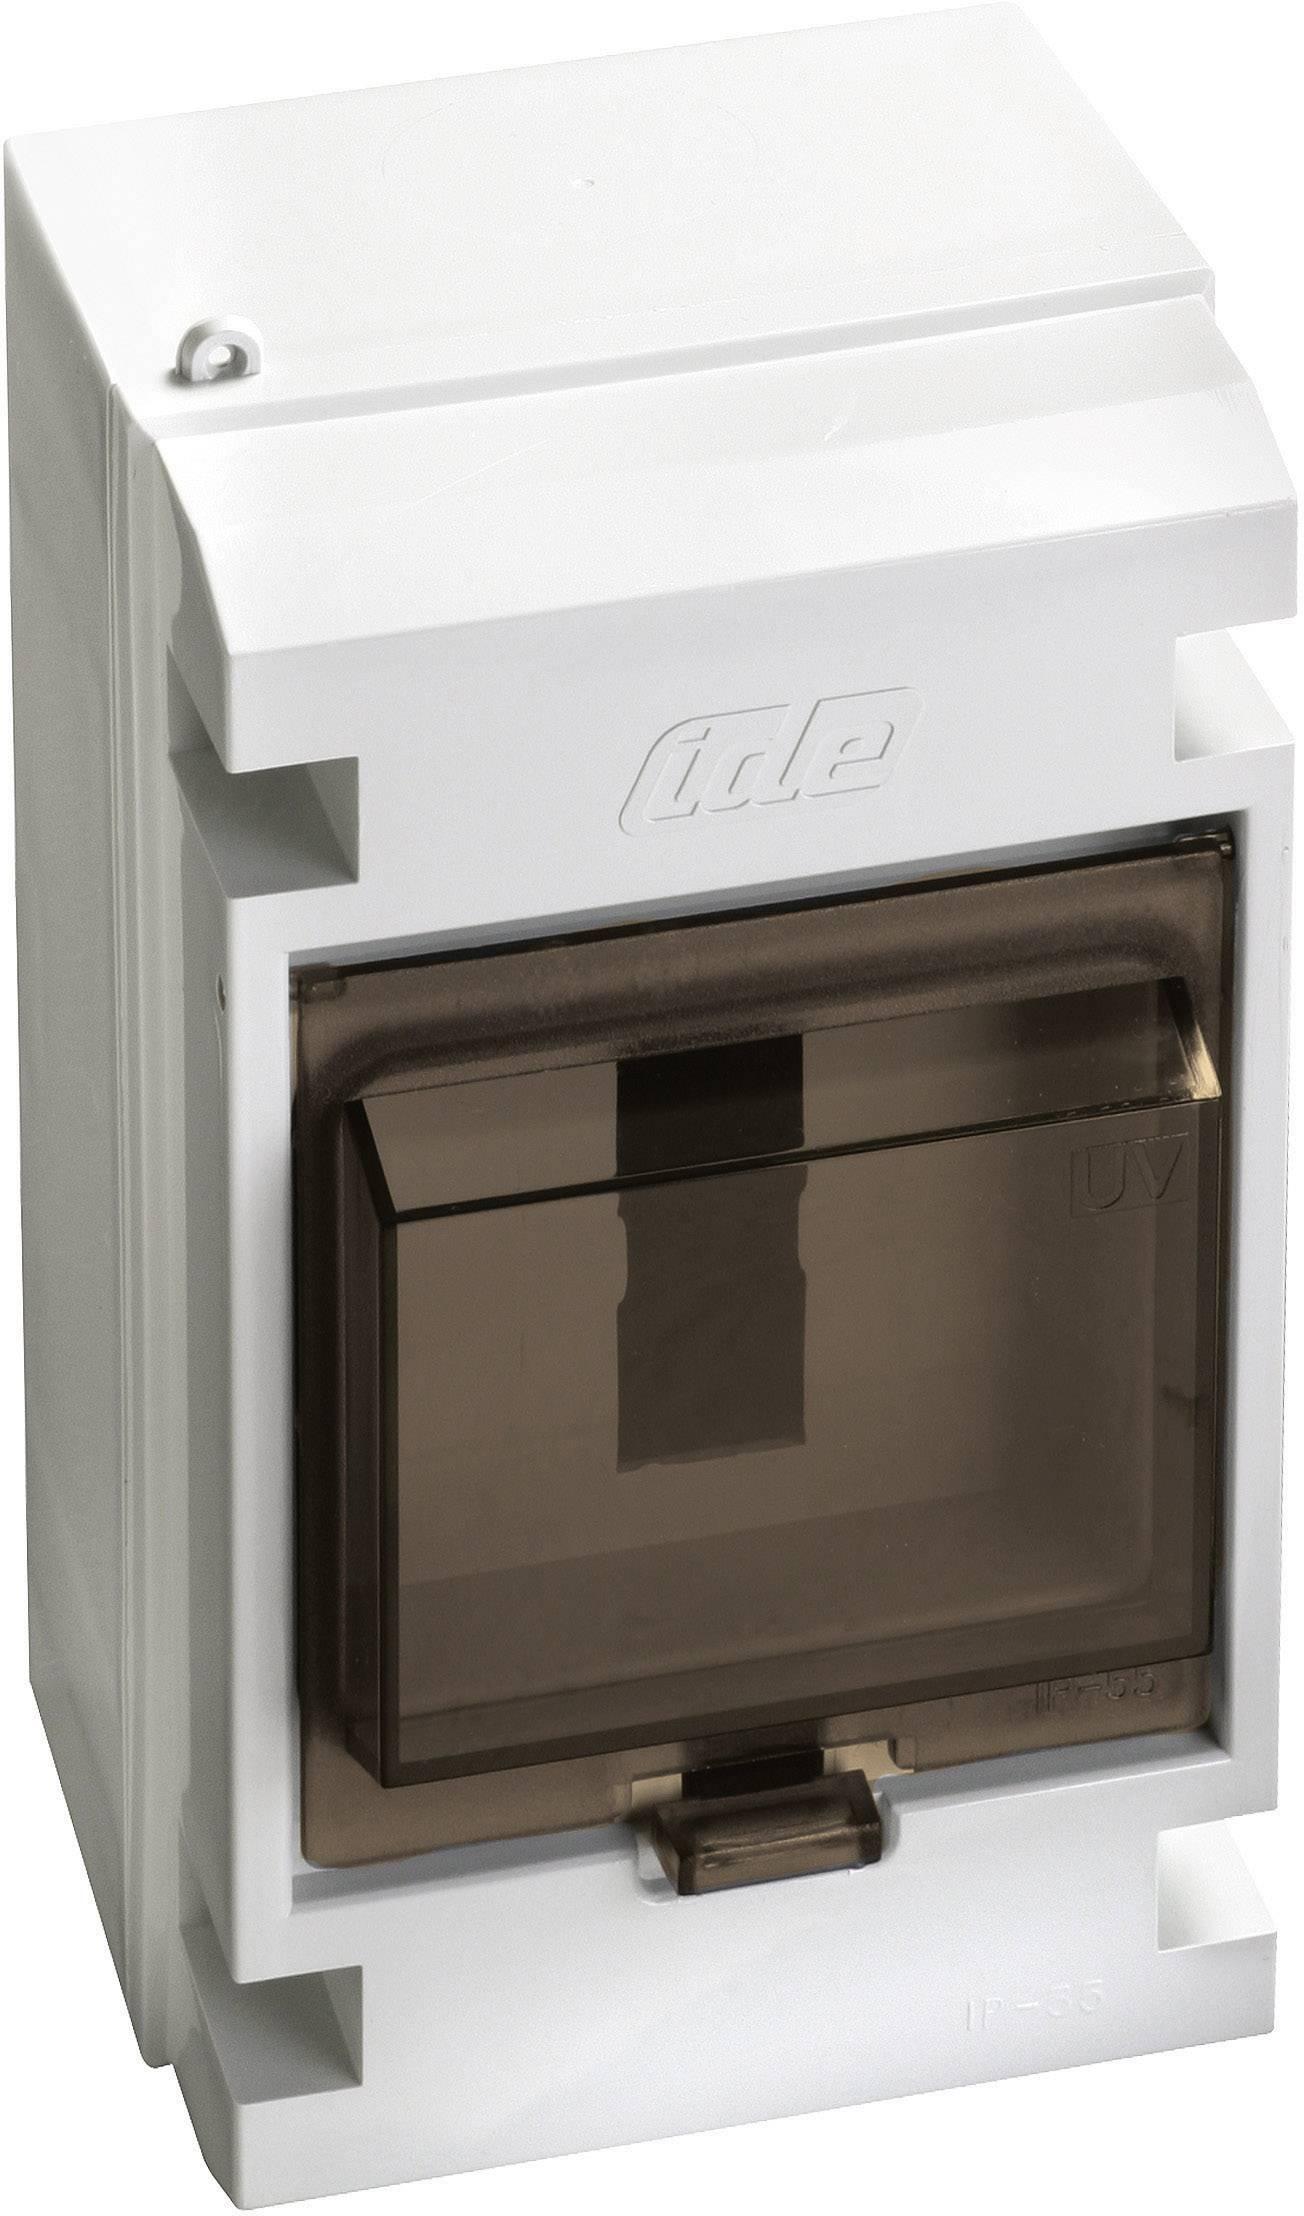 Jednoradová rozvodná skriňa IDE 20100 na omietku, 4 moduly, IP55